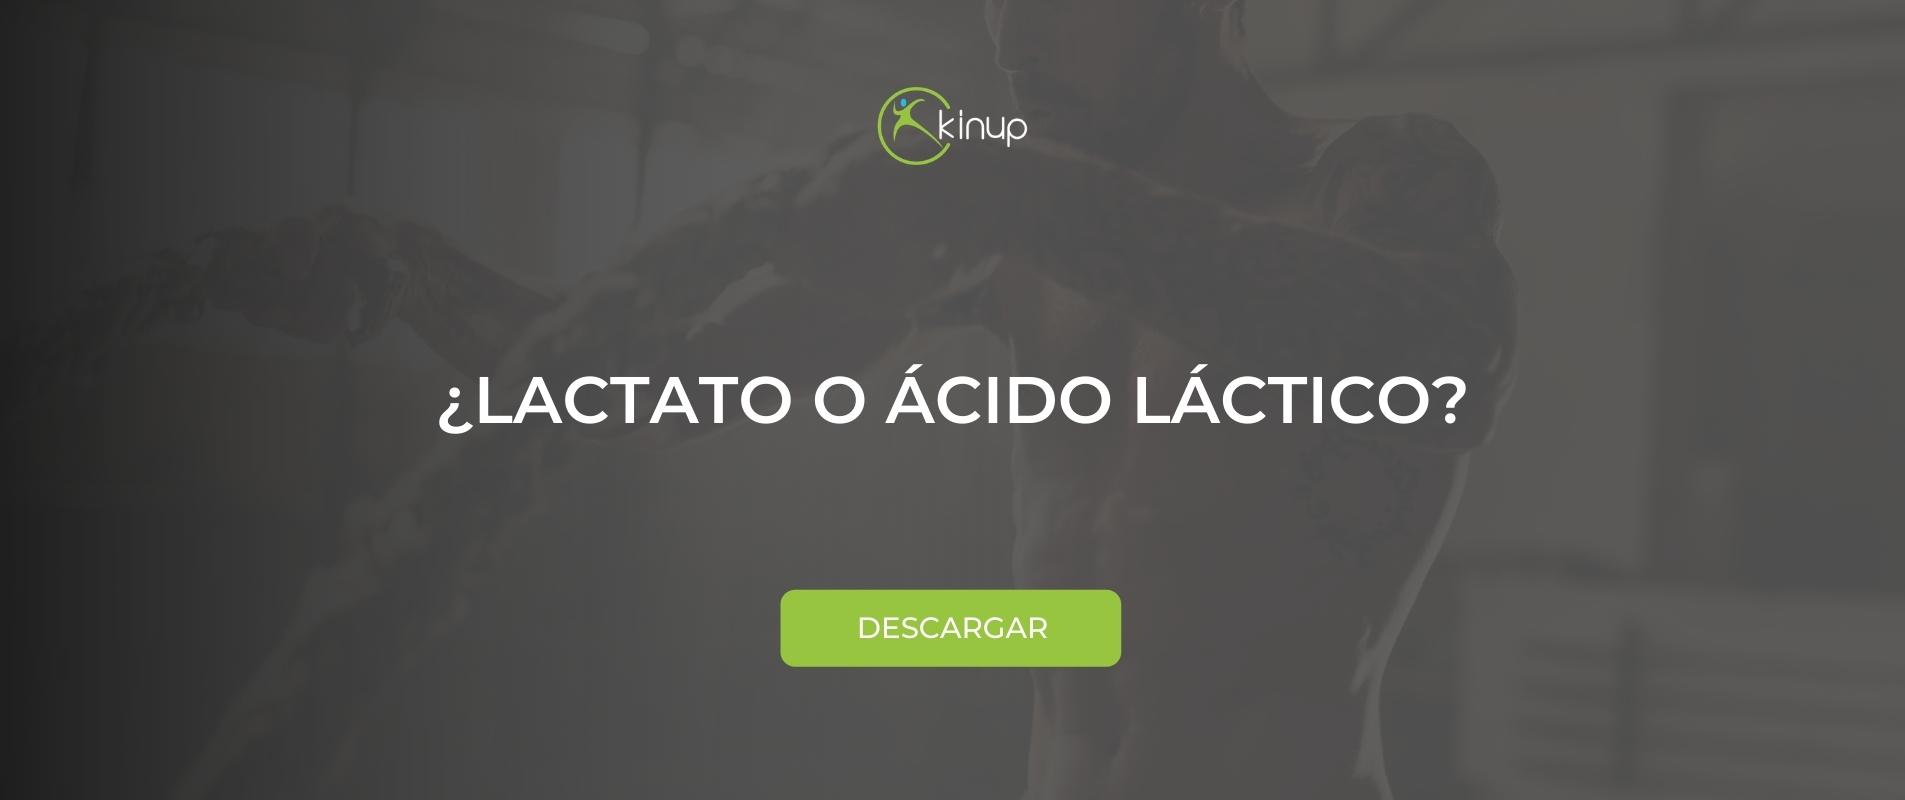 ¿Lactato o ácido láctico?